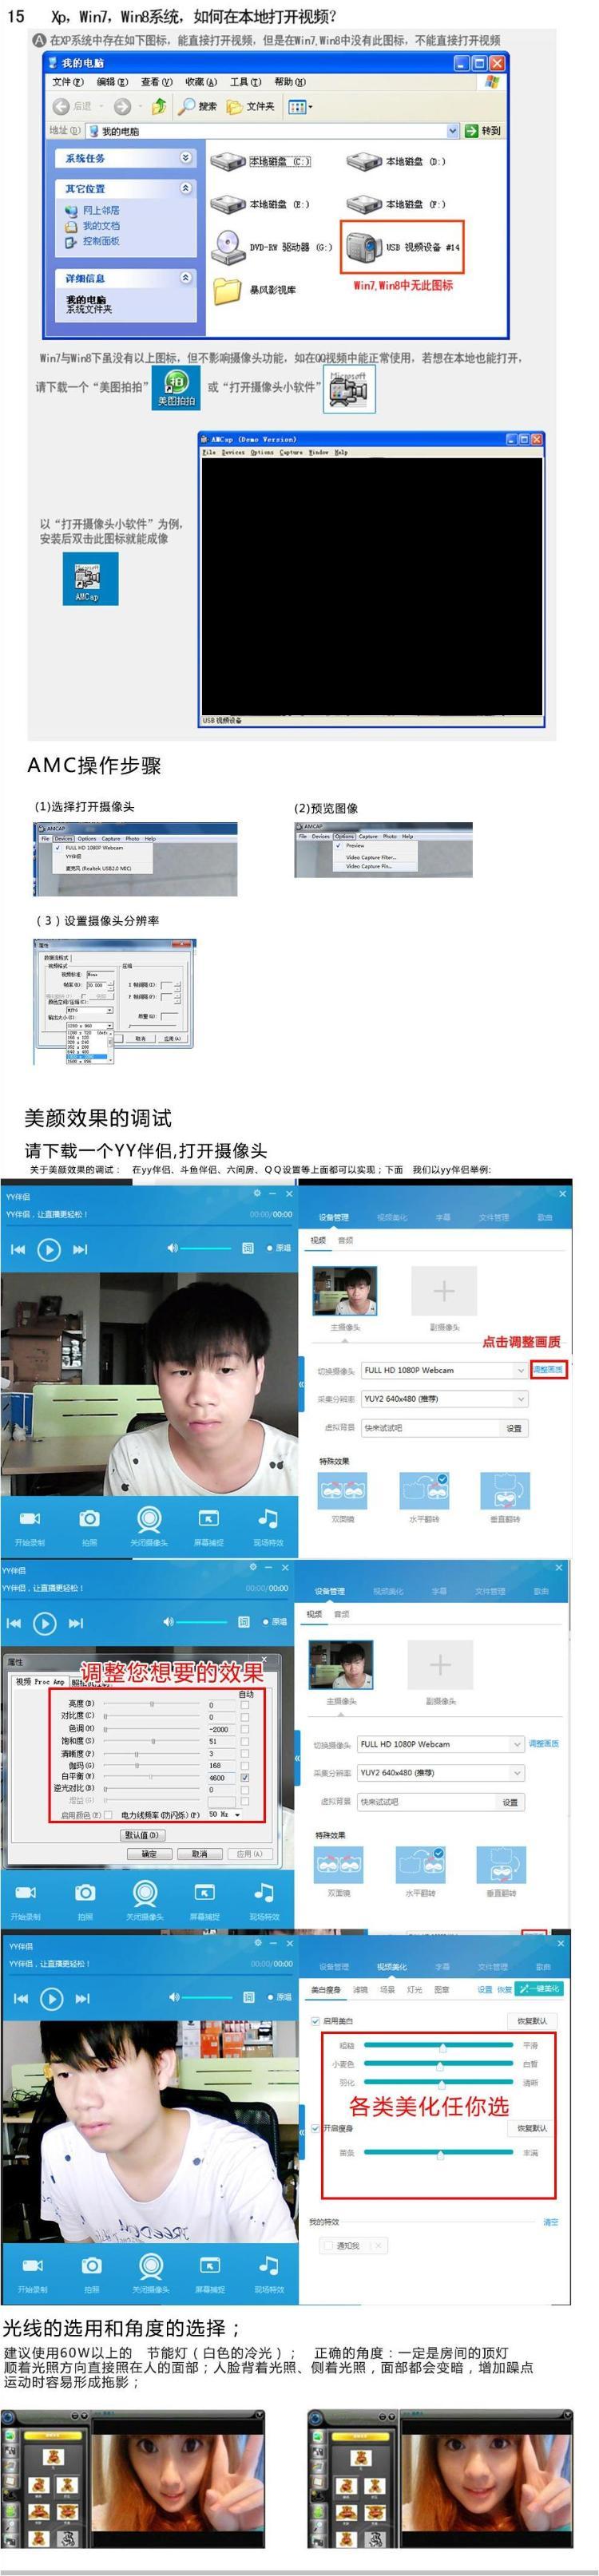 售后服务-汇博数码专营店-天猫Tmall.com3.JPG